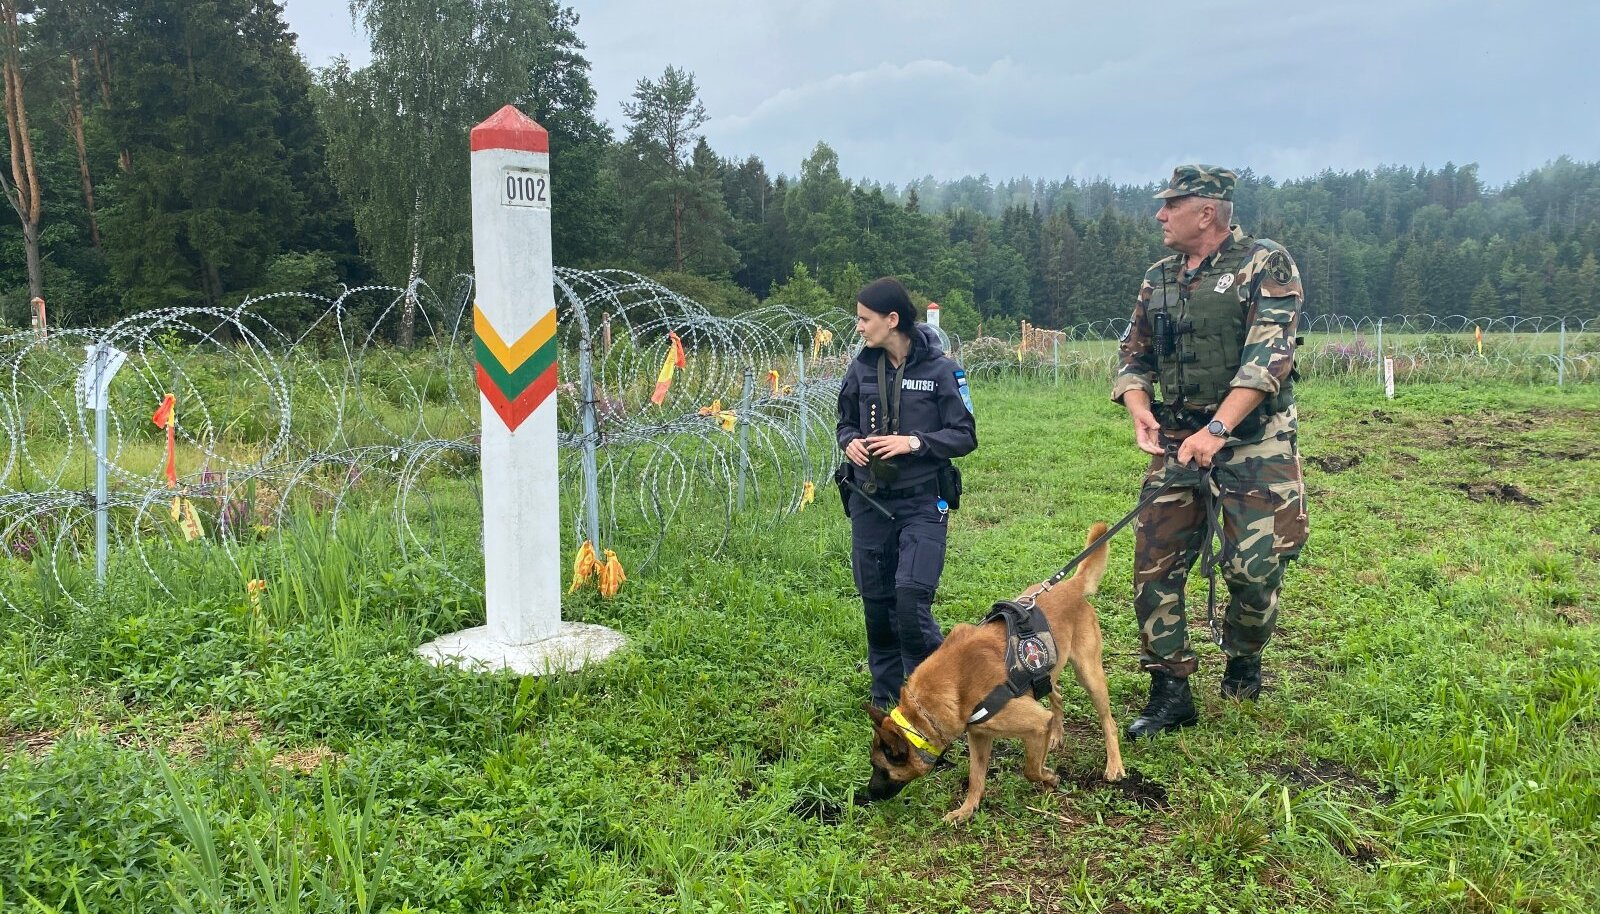 Литва заявила об увеличении потока нелегальных мигрантов